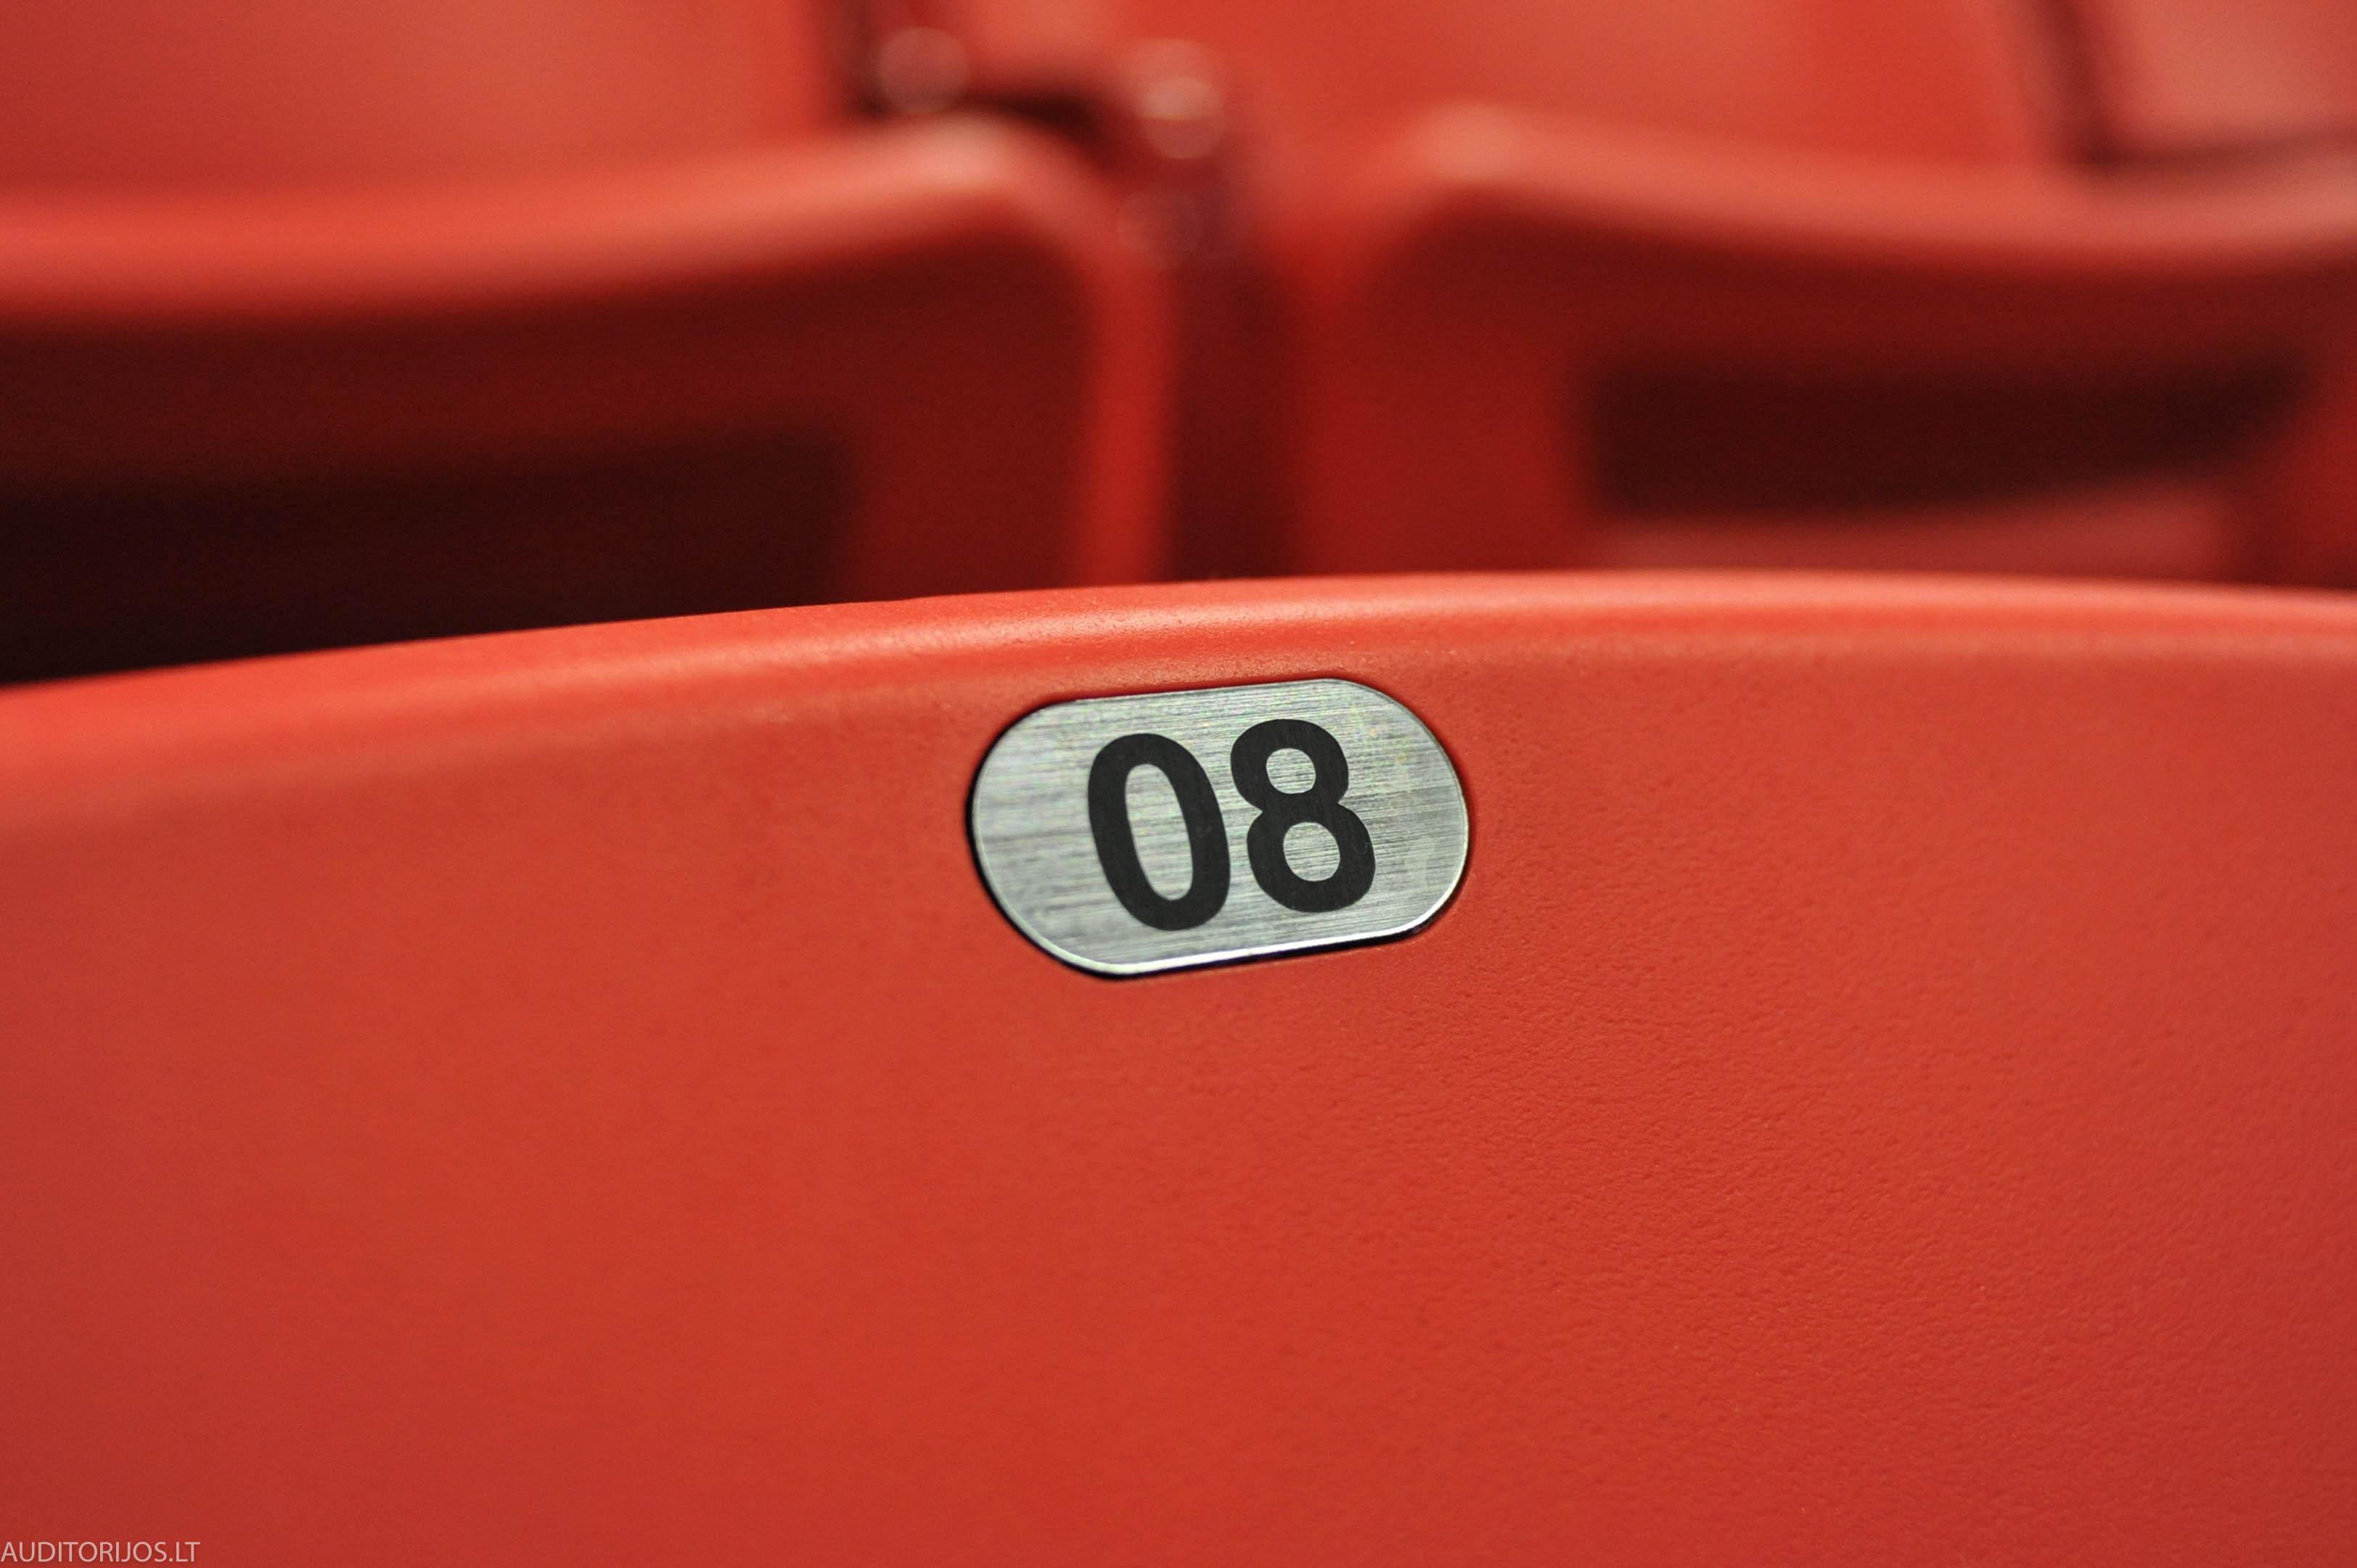 Lietuvos Rytas Arena Seating Vertika DSC_3327